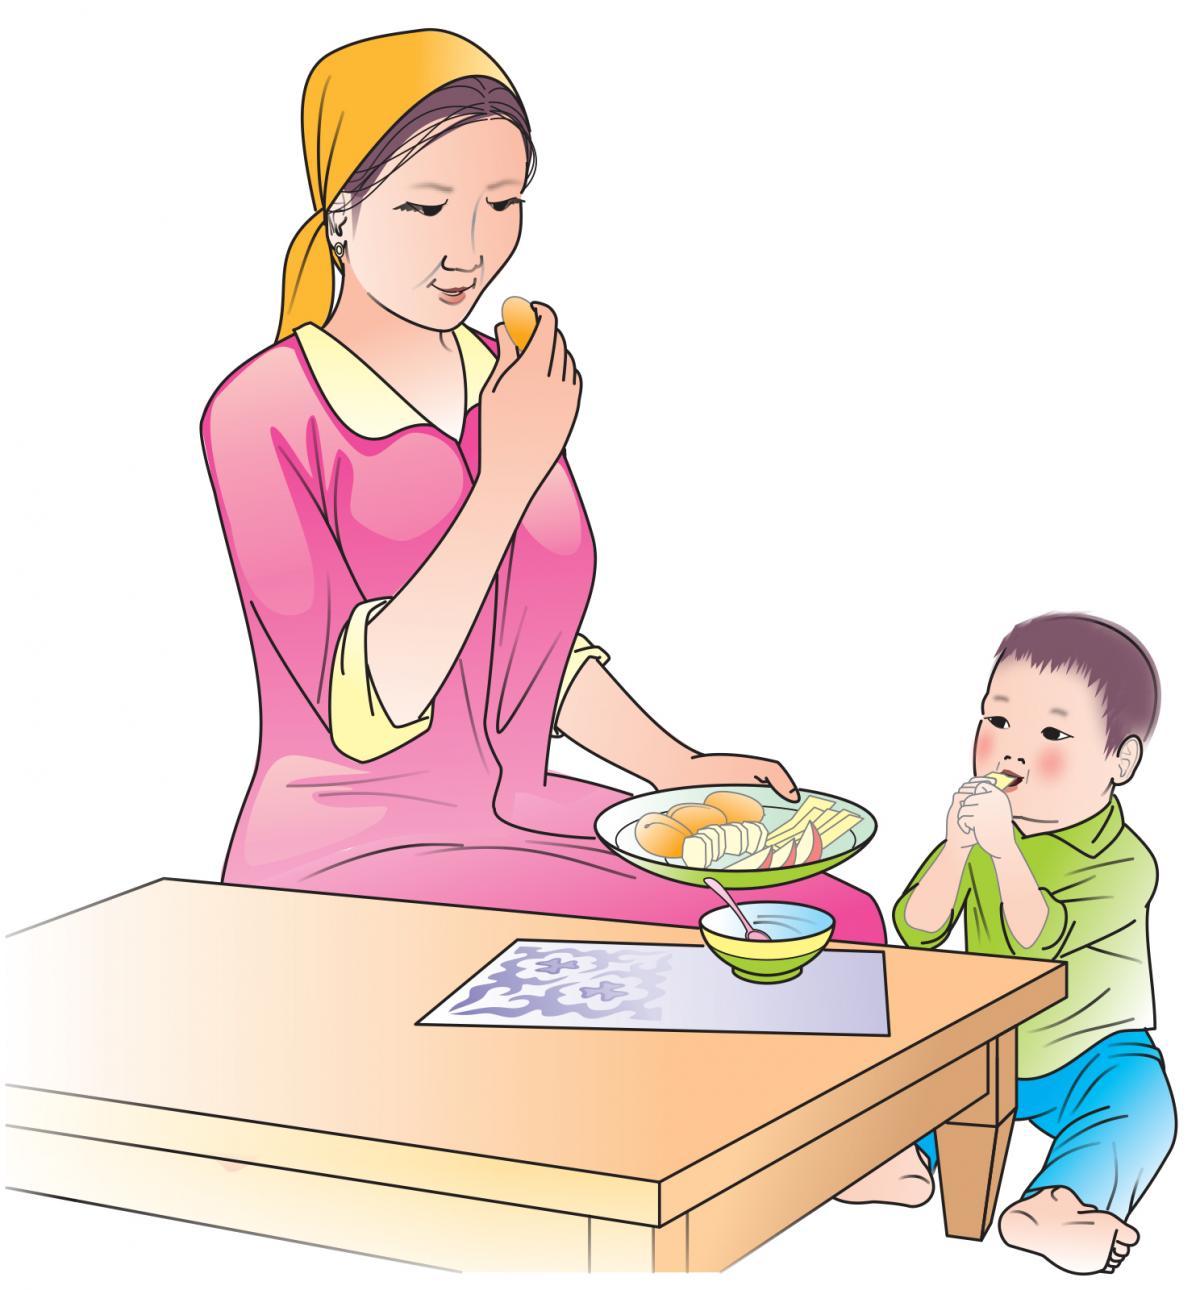 Complementary Feeding - Complementary Feeding 12-24 months 12-24 mo - 08A - Kyrgyz Republic